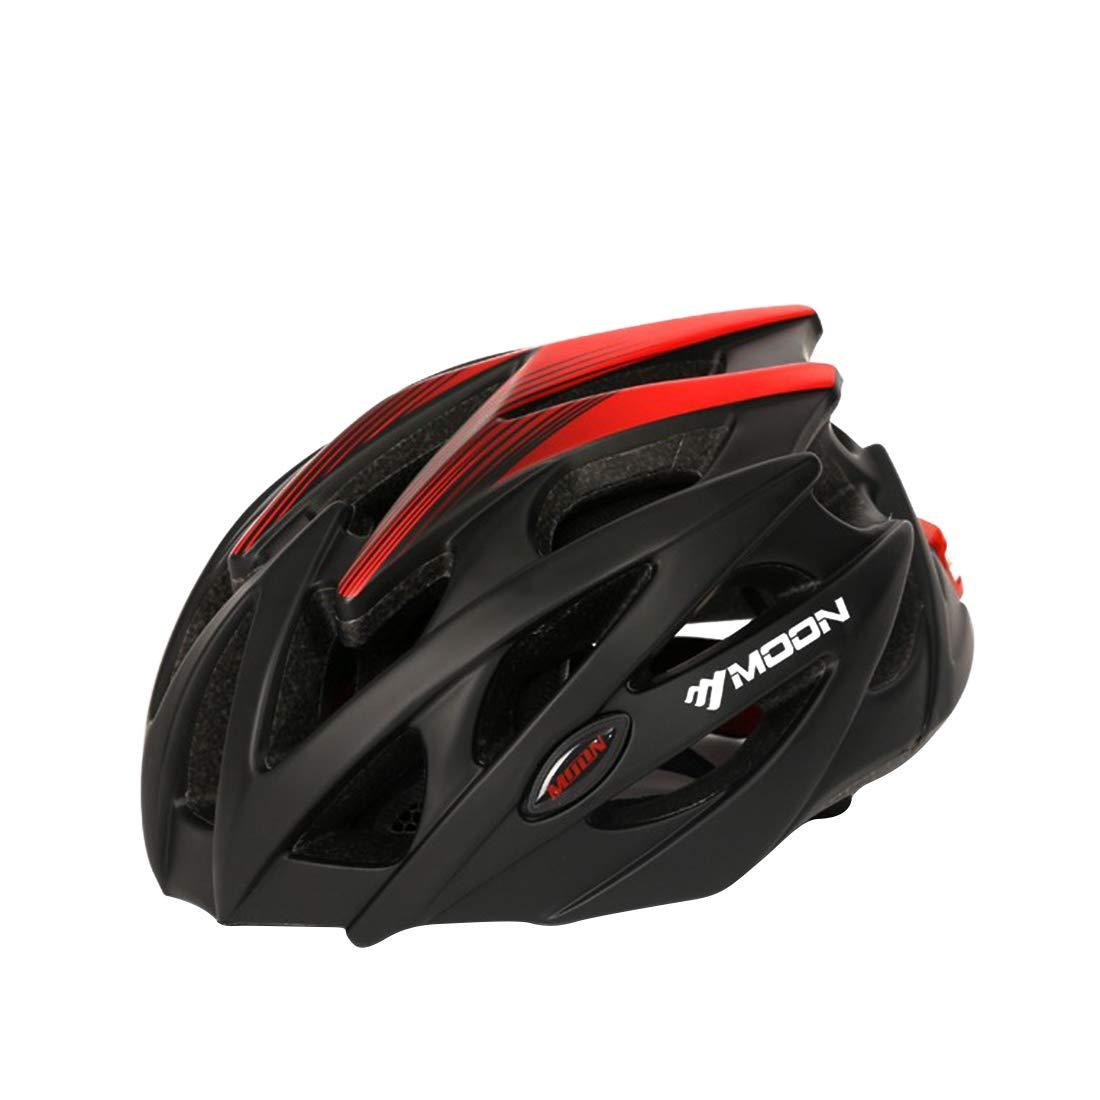 万全区孔家庄镇美衣社女装店 自転車用ヘルメット、屋外用サイクリング愛好家に最適な自転車用安全ヘルメット。 (色 : Black red, サイズ : L) Large Black red B07RKGQKRP